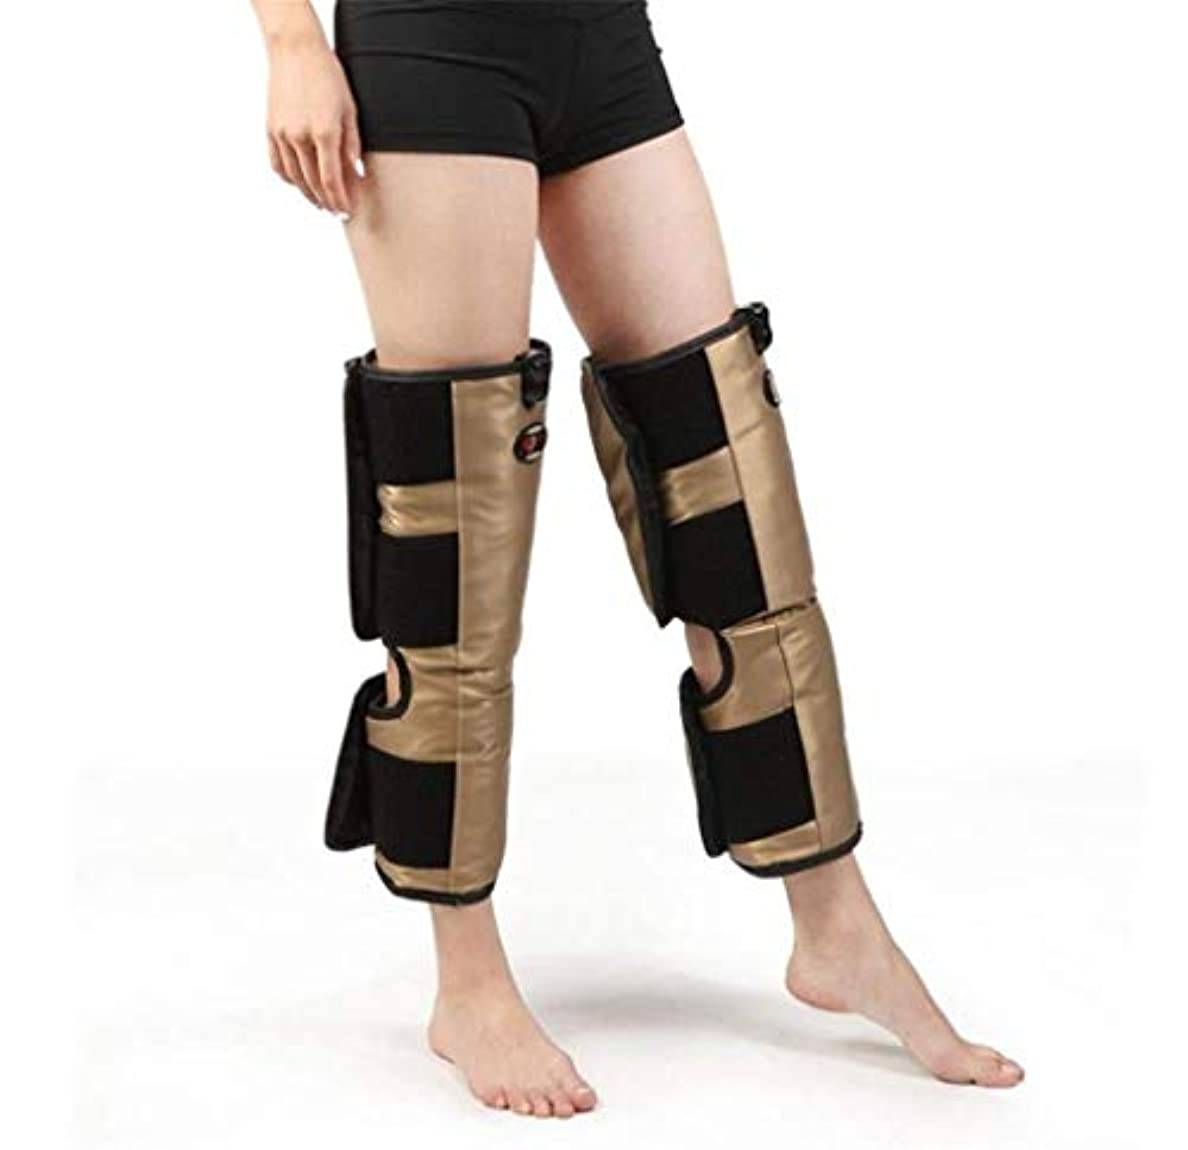 火薬評論家不適脚マッサージャー、電気膝ブレース、oxiホット圧縮振動マッサージ療法、多機能電気加熱膝理学療法機器